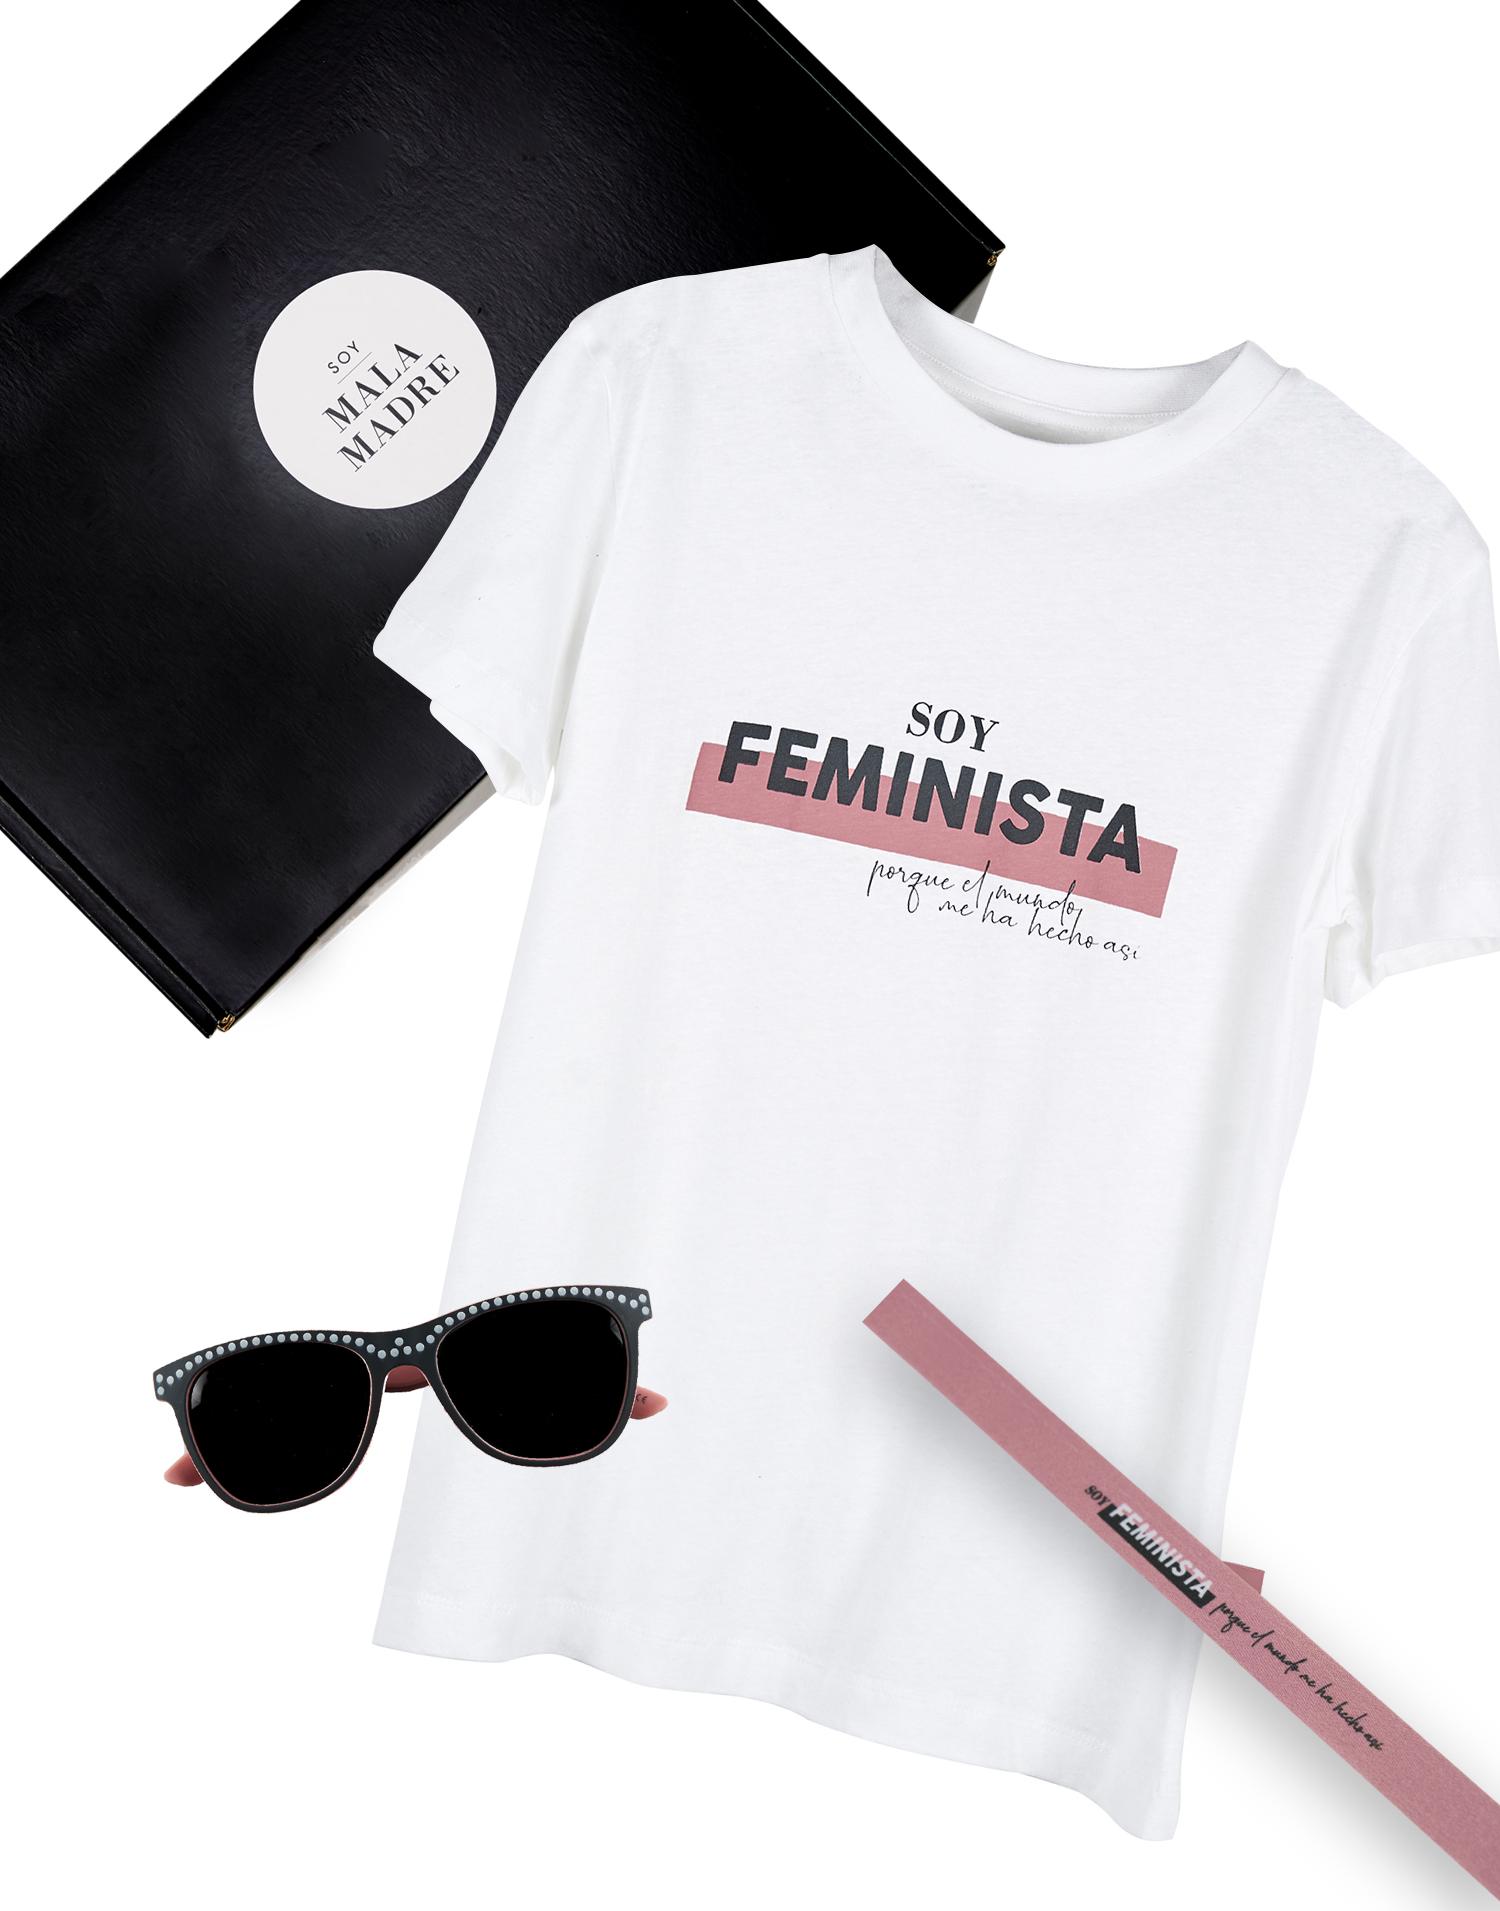 KIT SOY FEMINISTA